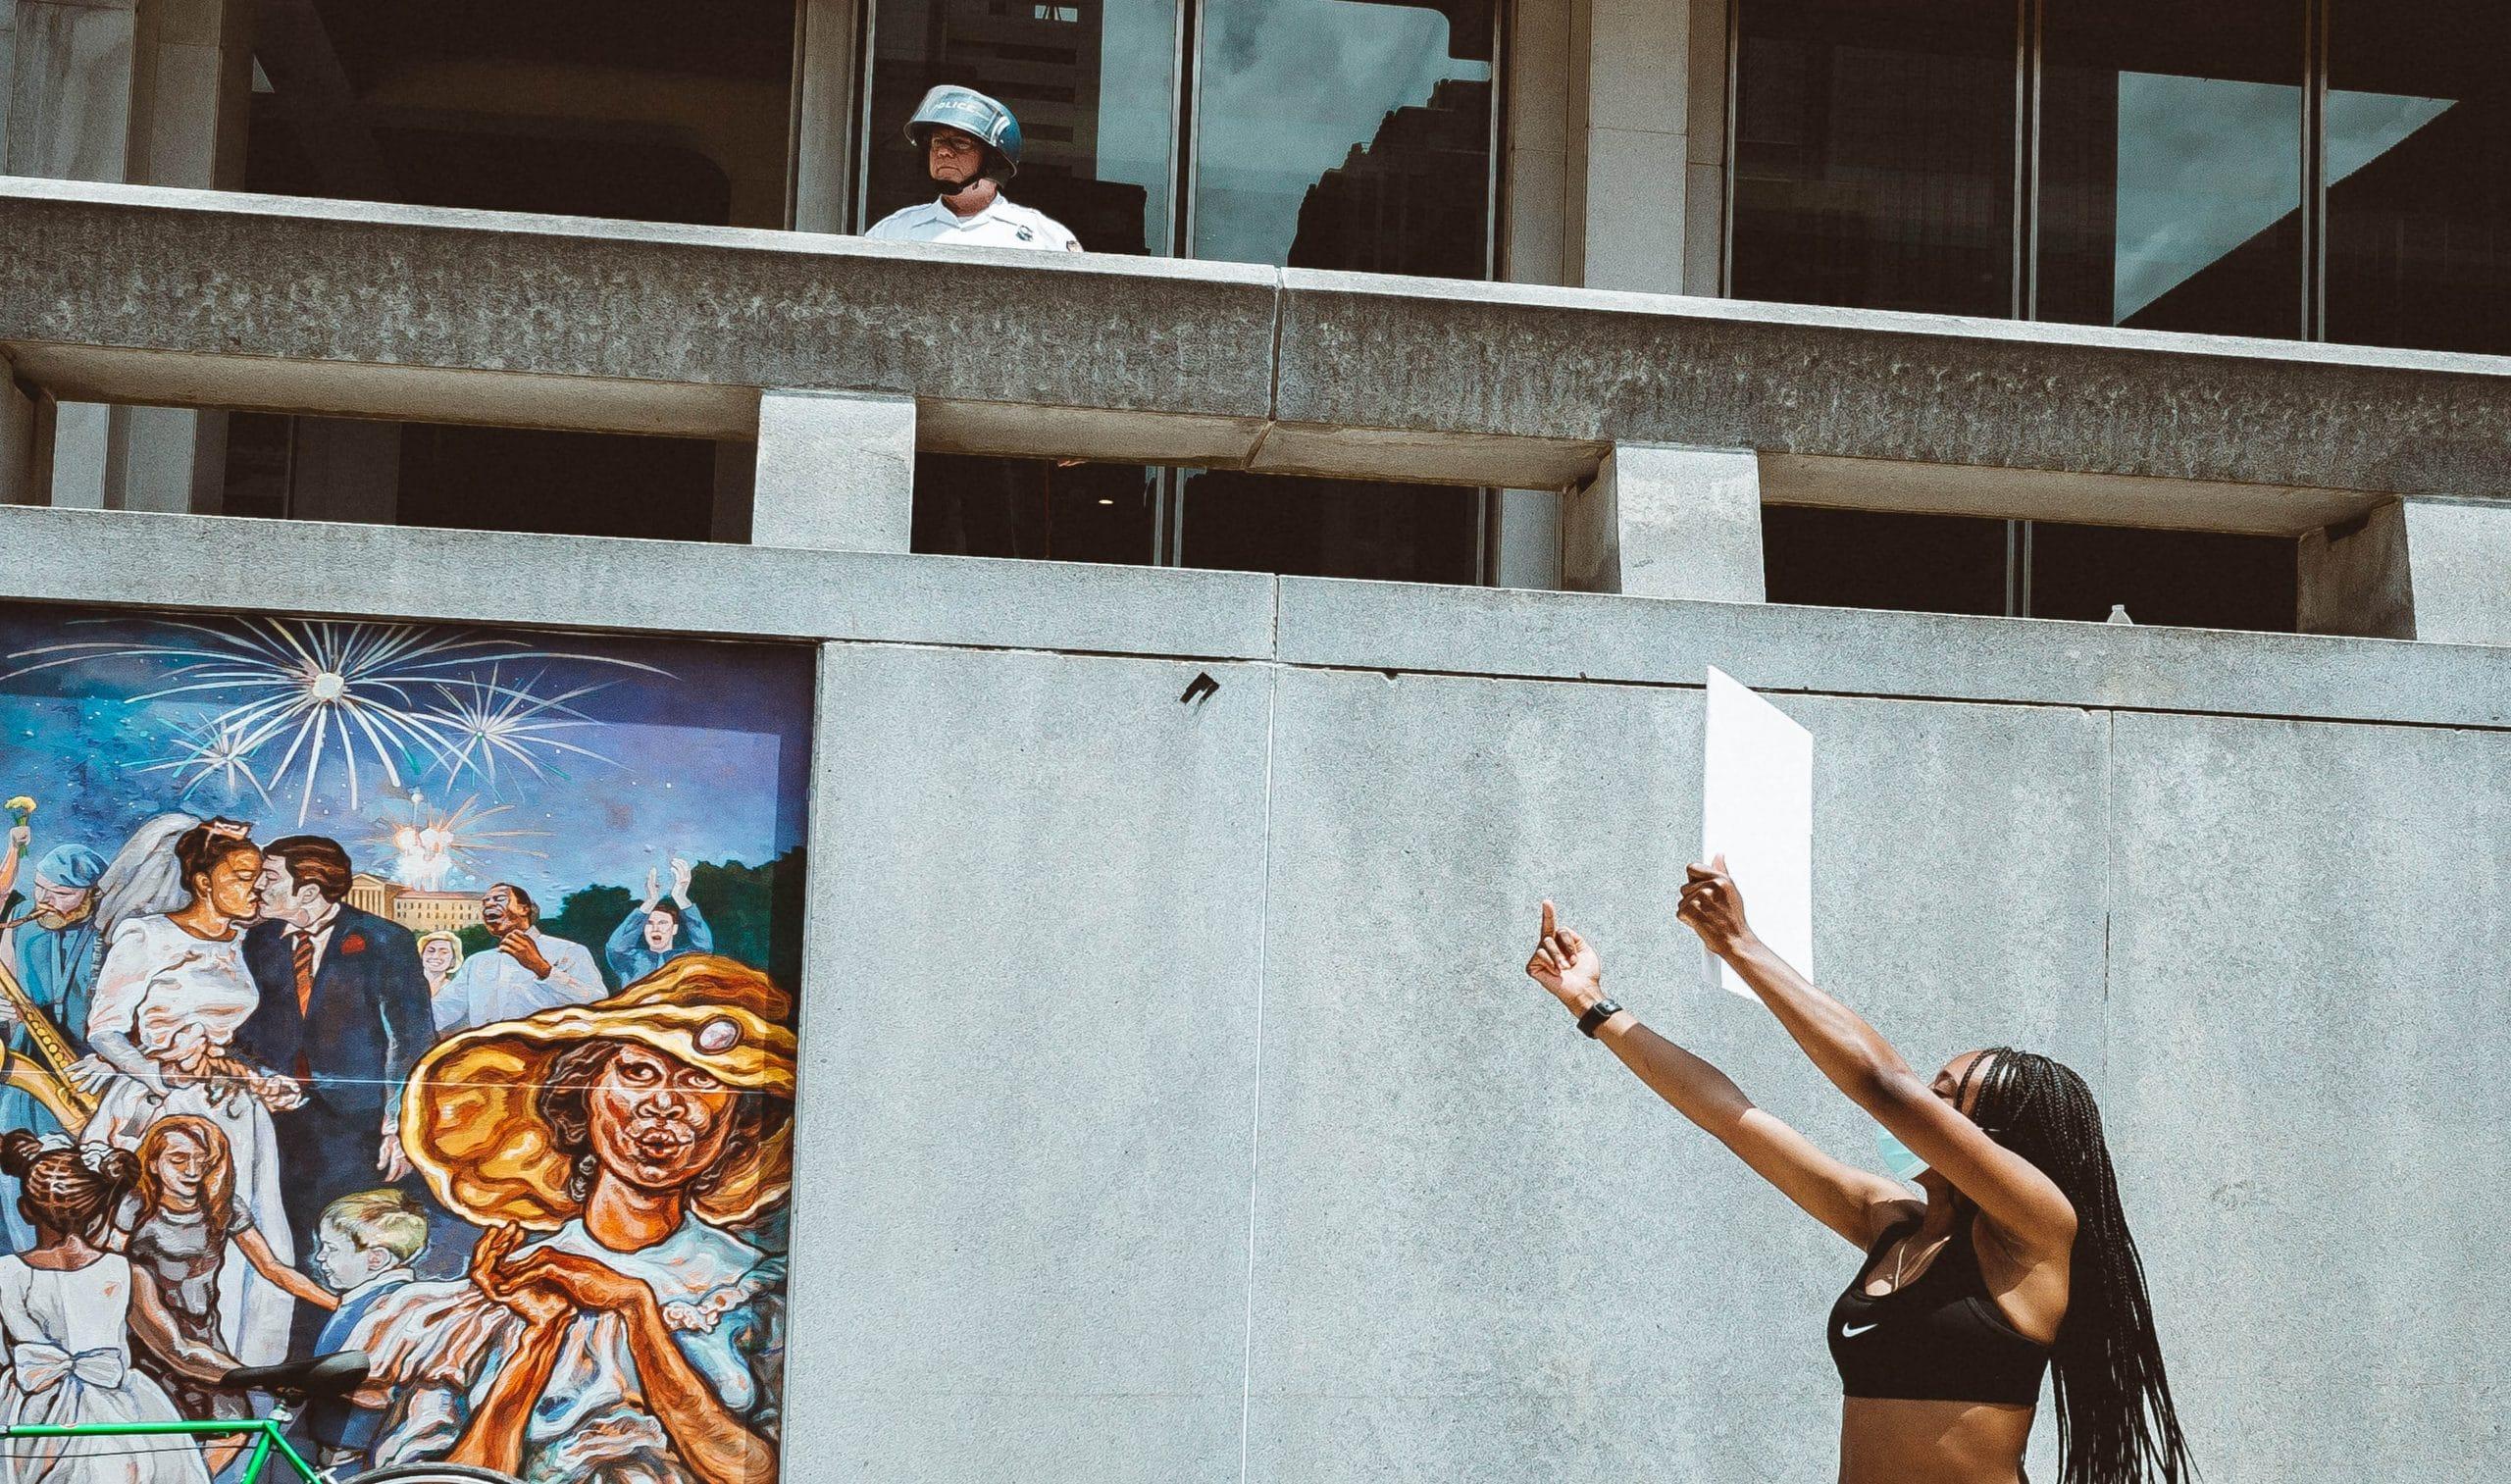 Der führende Intellektuelle afroamerikanischer Herkunft, Cornel West, hält die Protestbewegung in den USA für einen Wendepunkt in den USA.